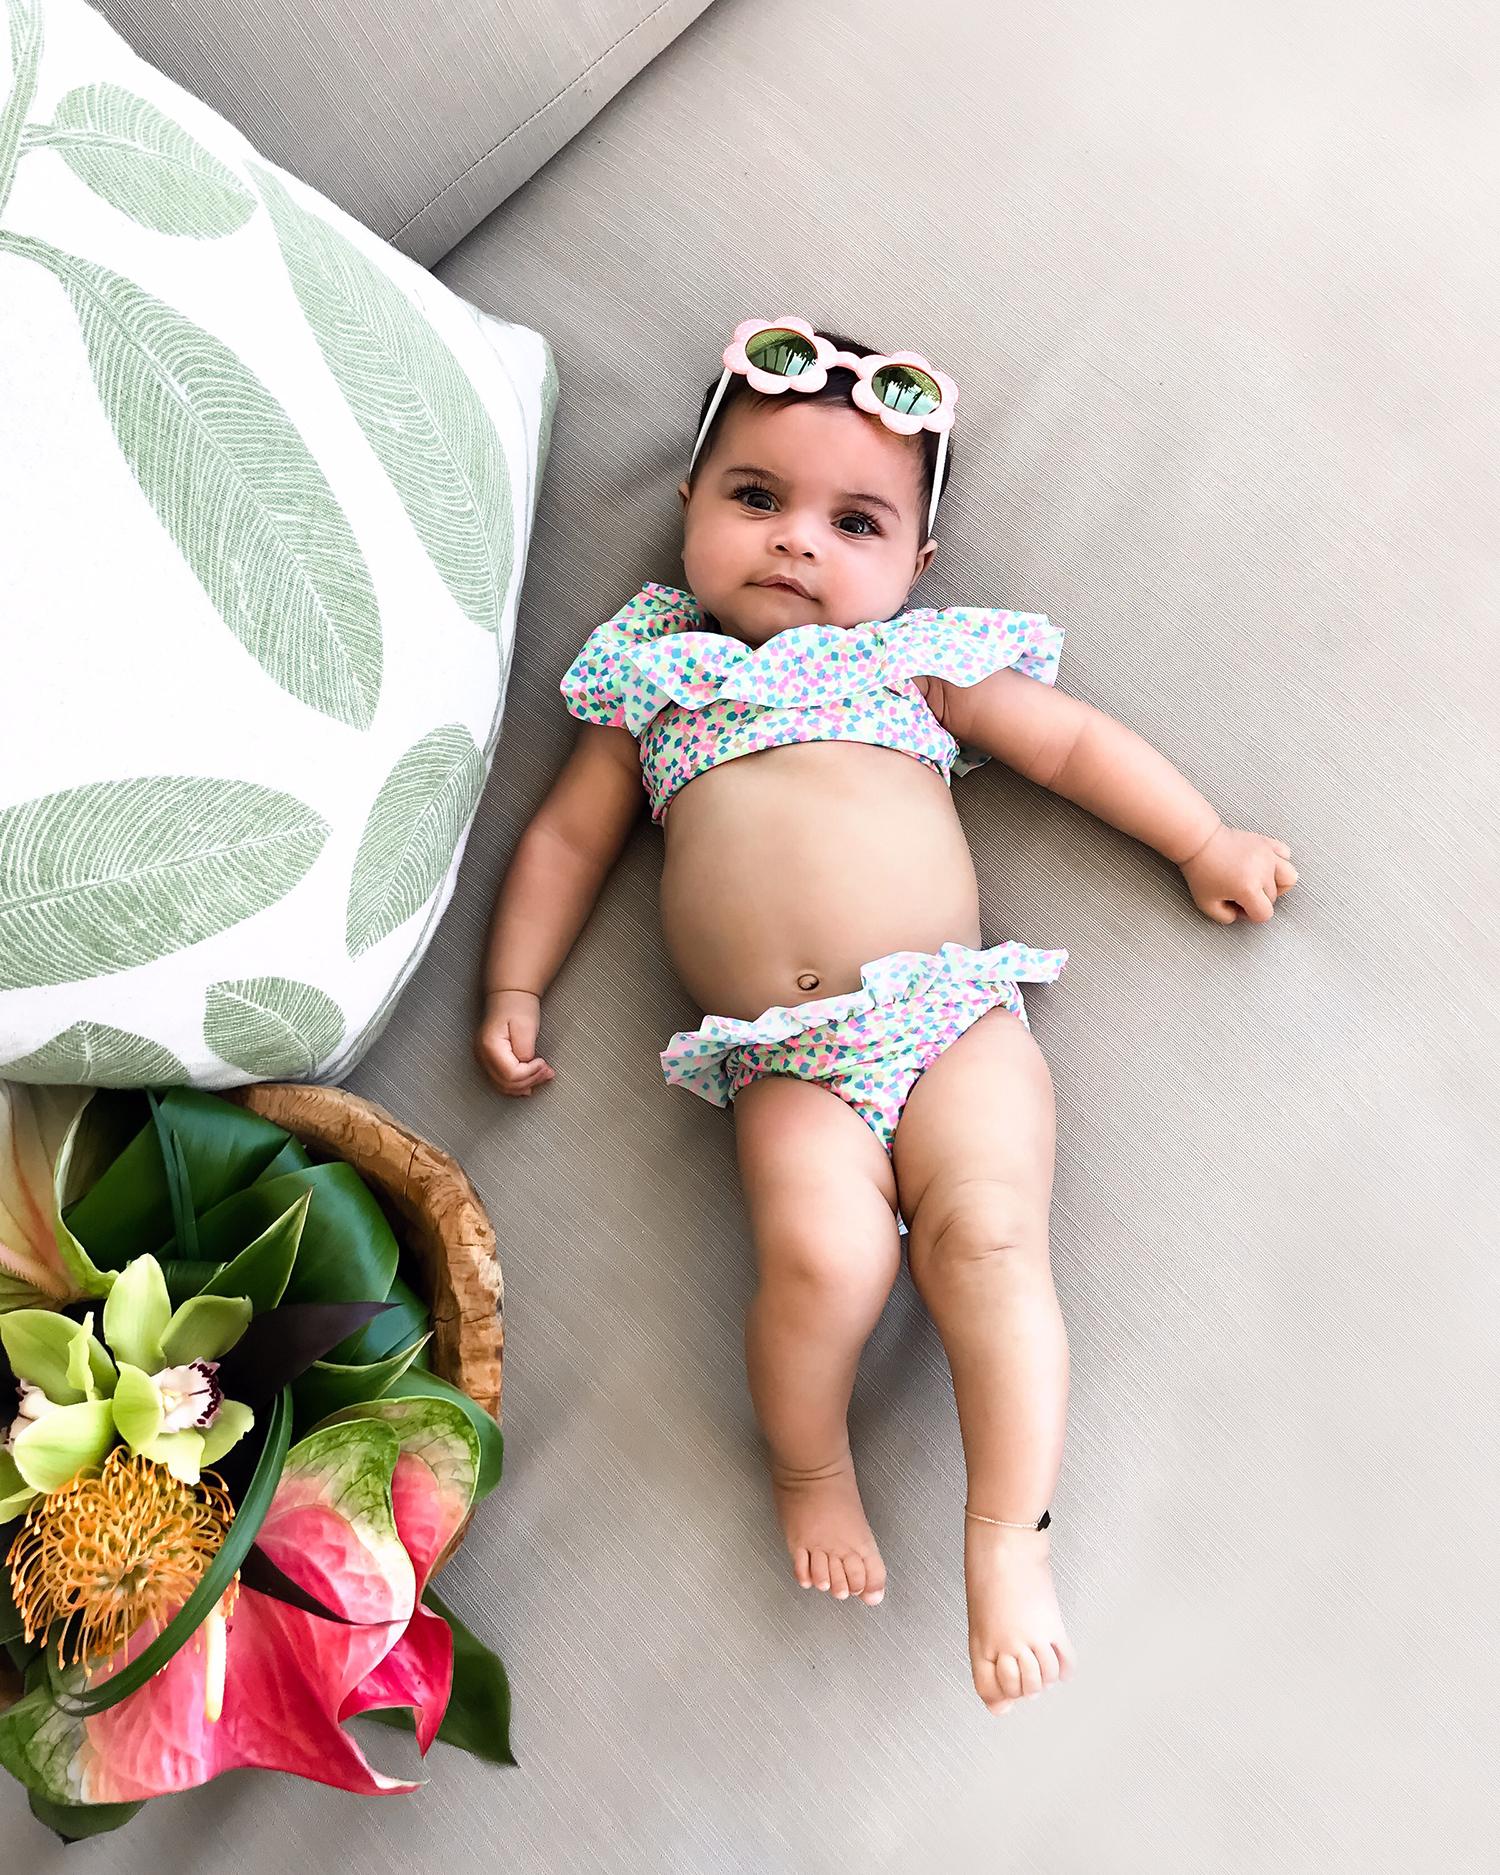 Jessi Malay baby Alessandra Marie